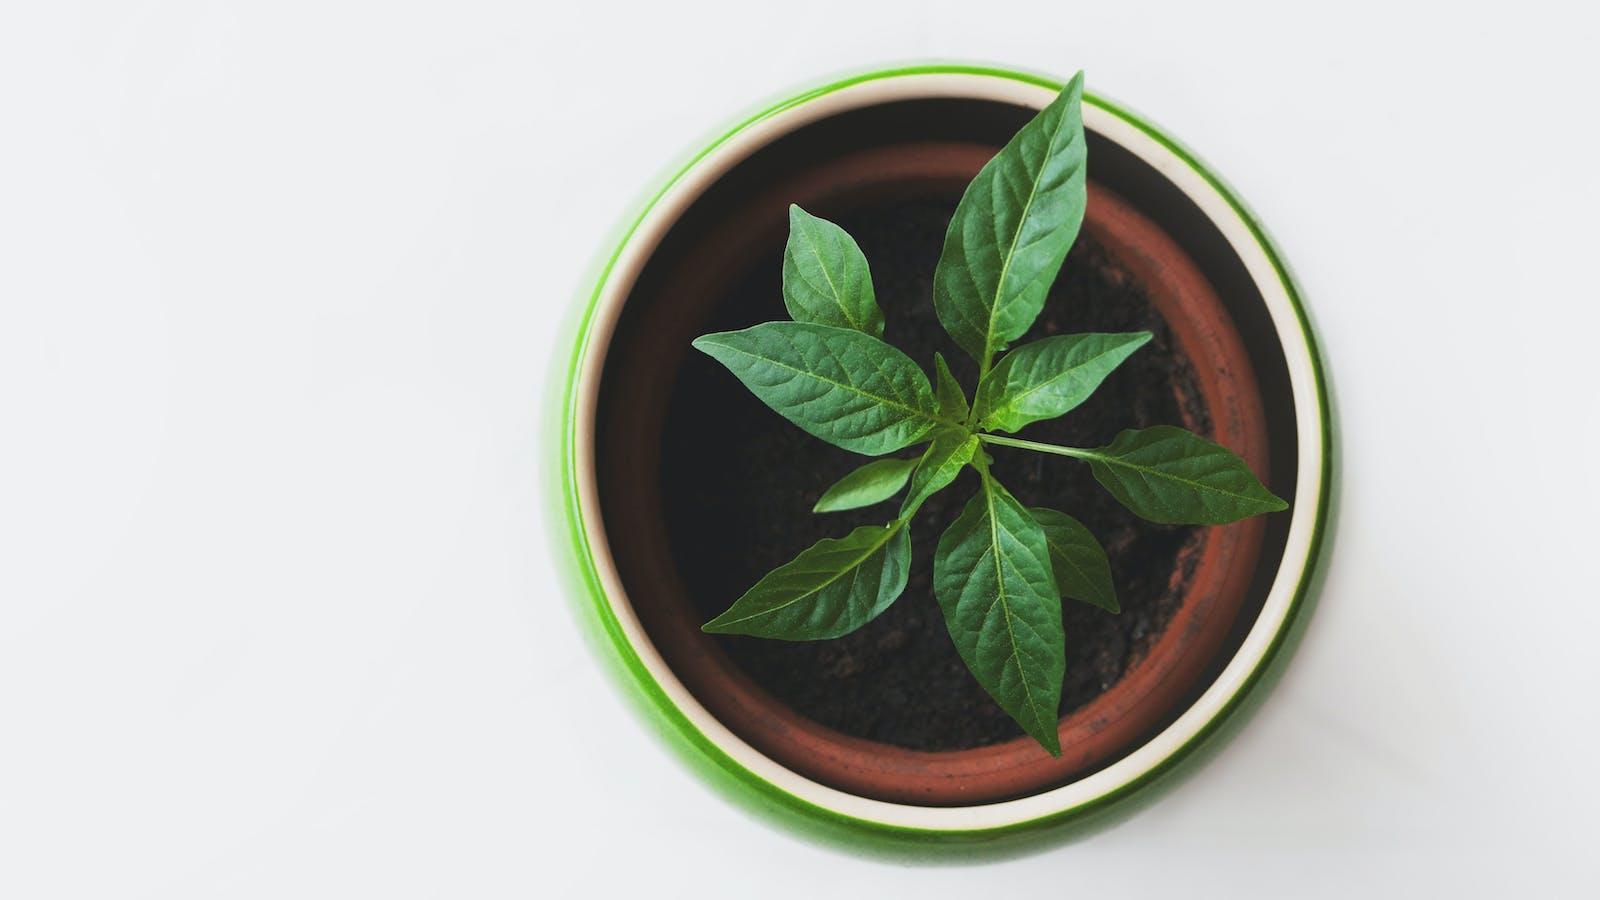 Plante en pot en couleurs